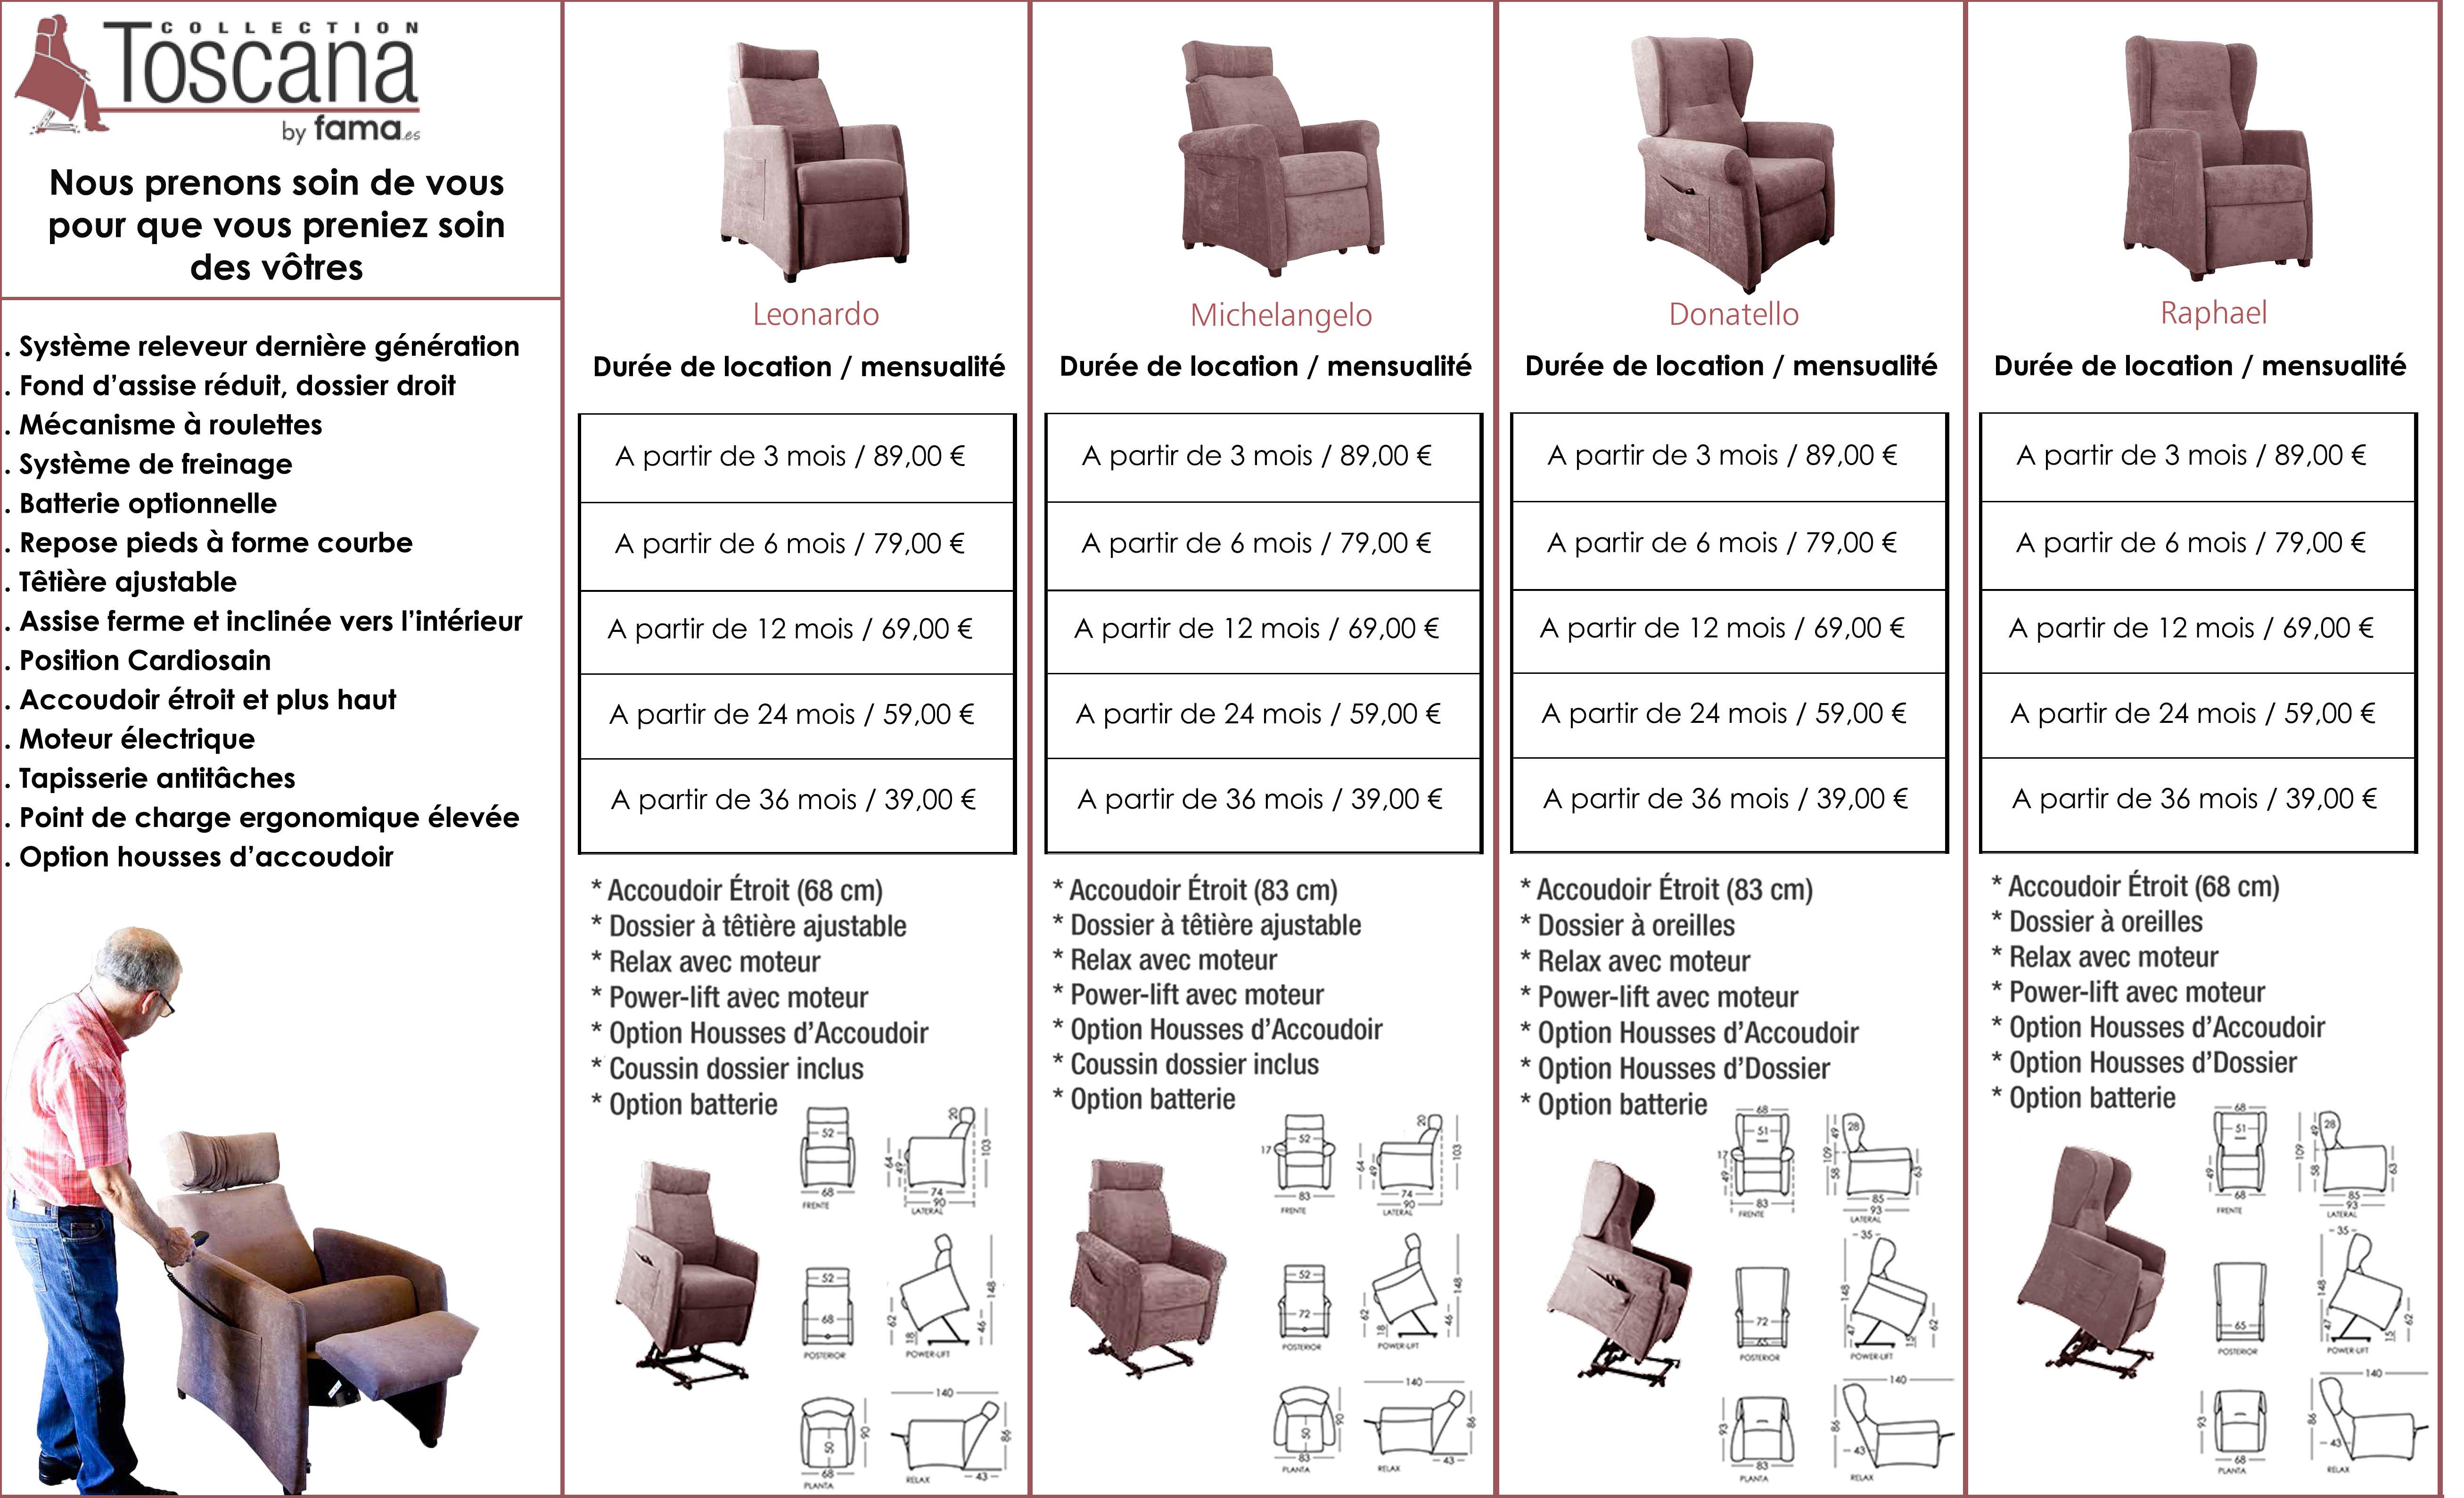 Tarif location fauteuil releveur Toscana Fama Mobilier cuir et cuir Lyon Roanne Marseille